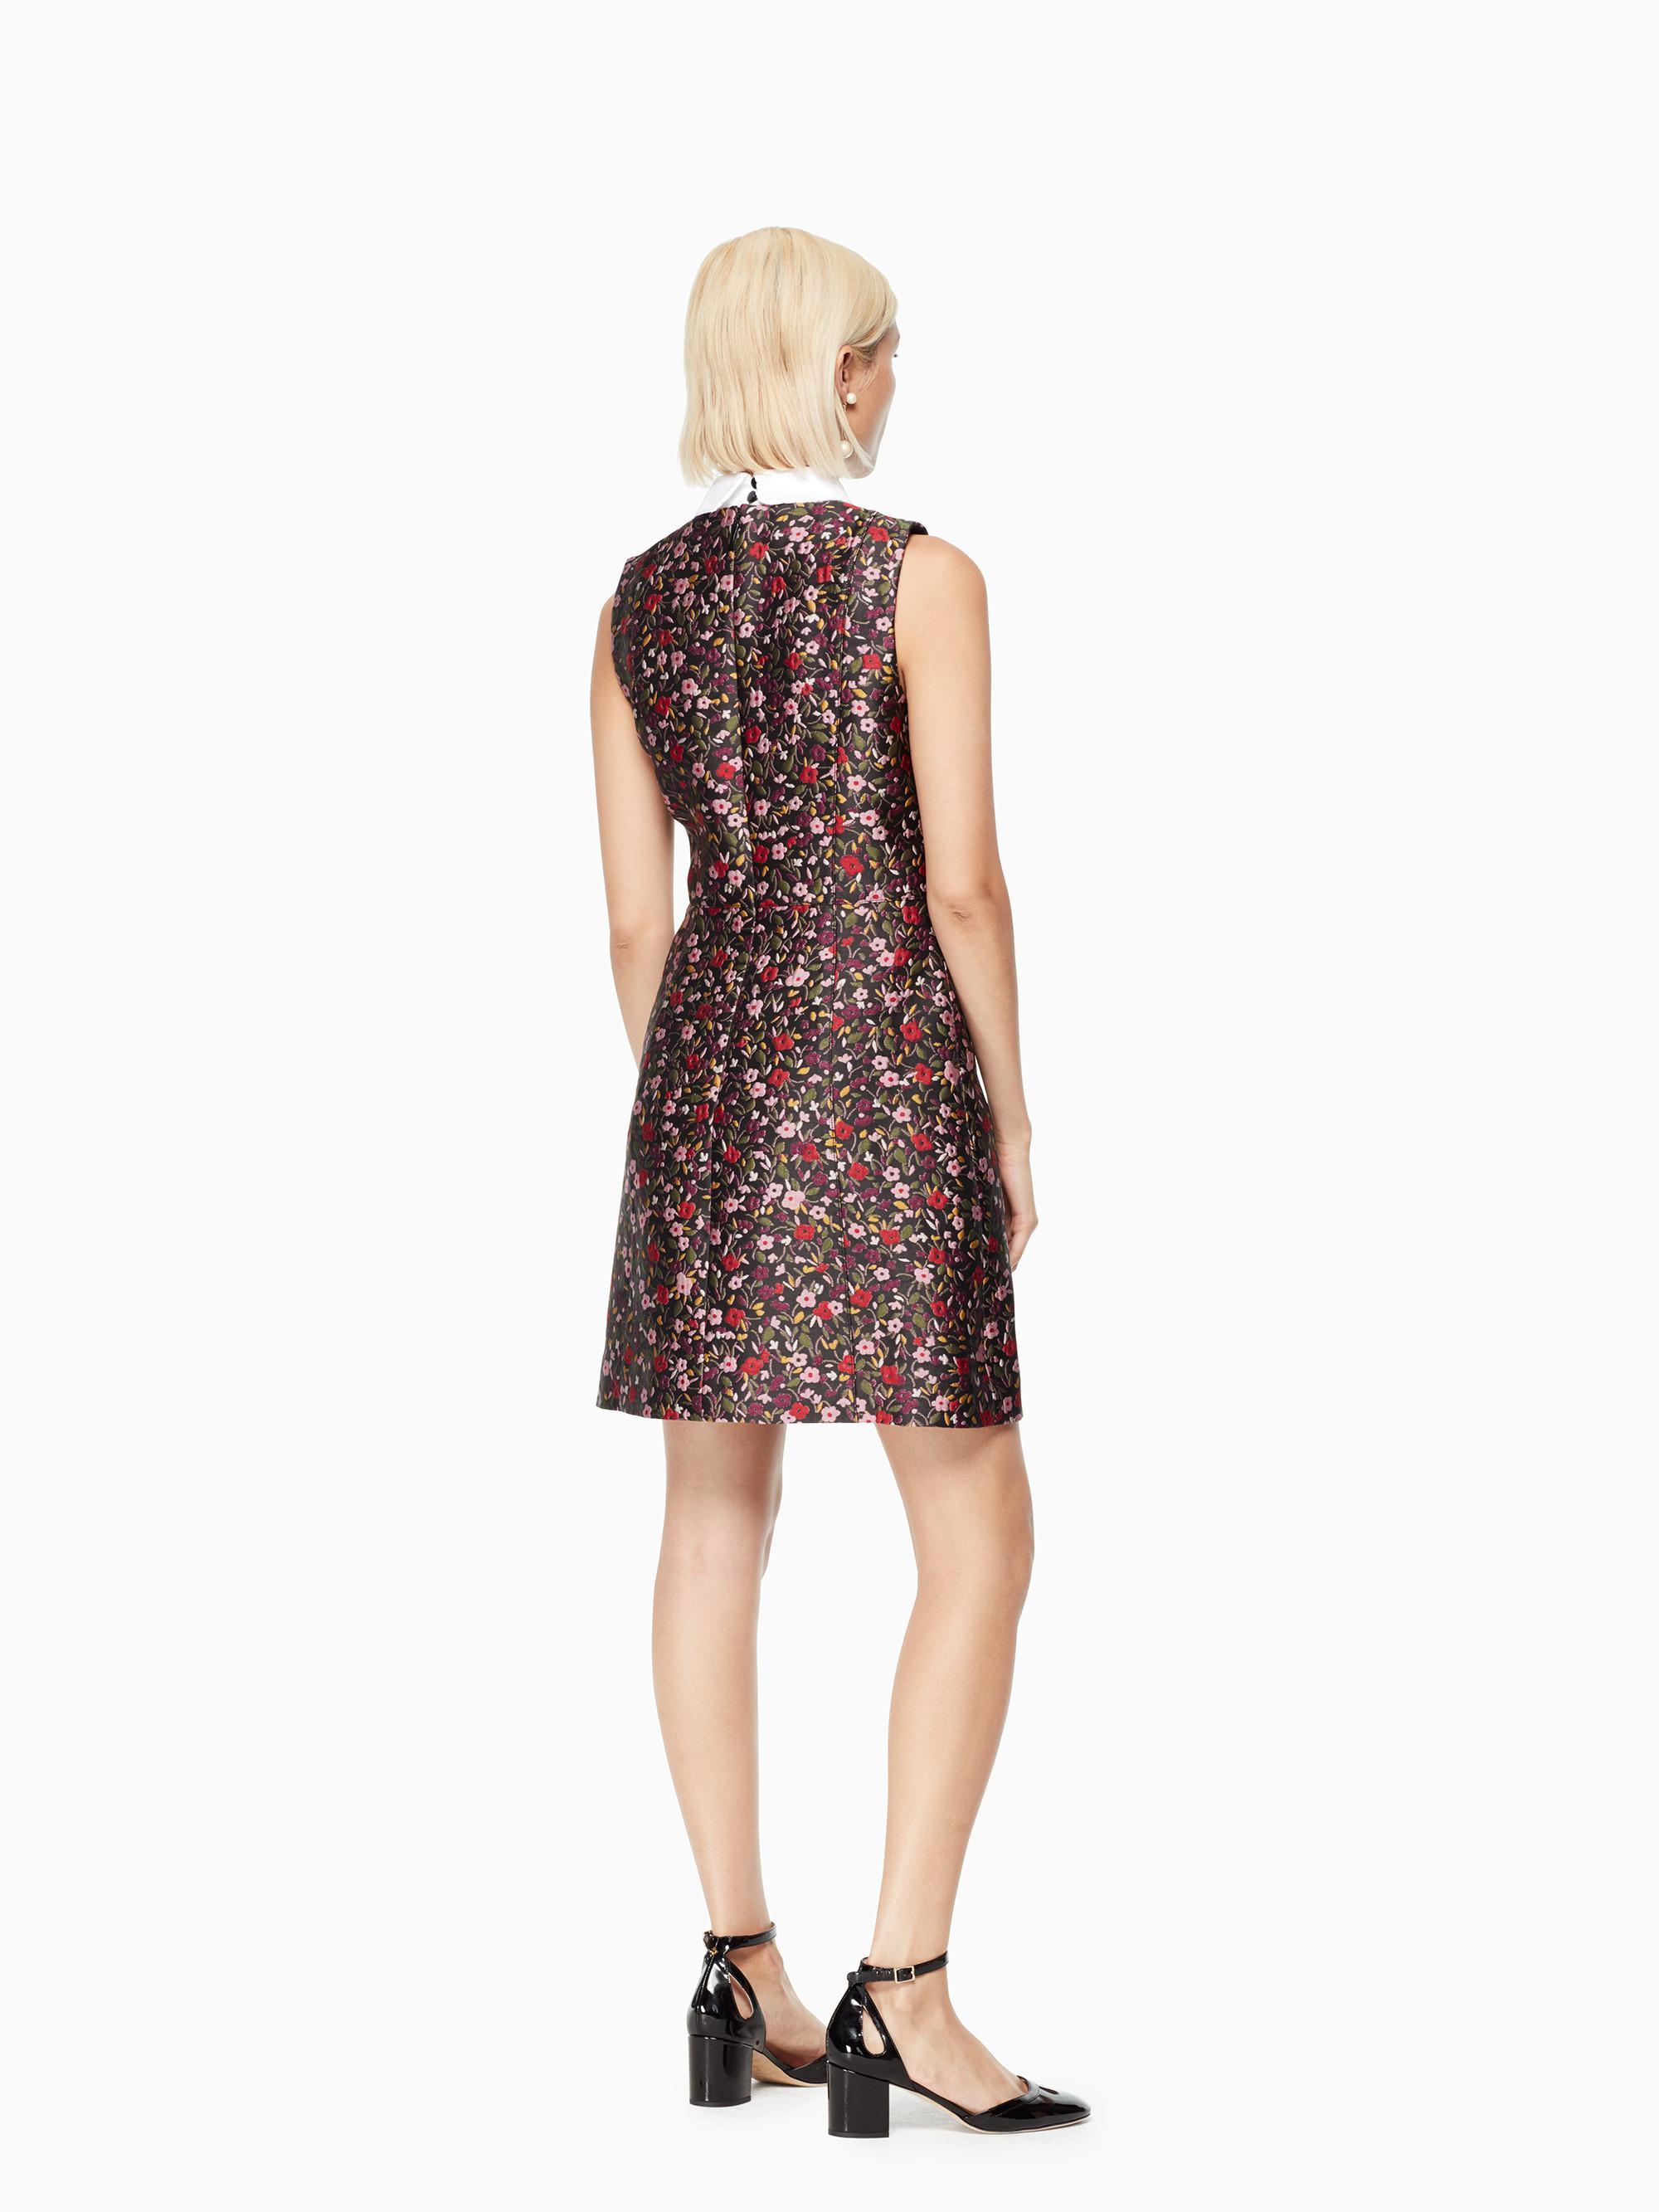 af06bc78303 Lyst - Kate Spade Boho Floral Jacquard Dress in Black